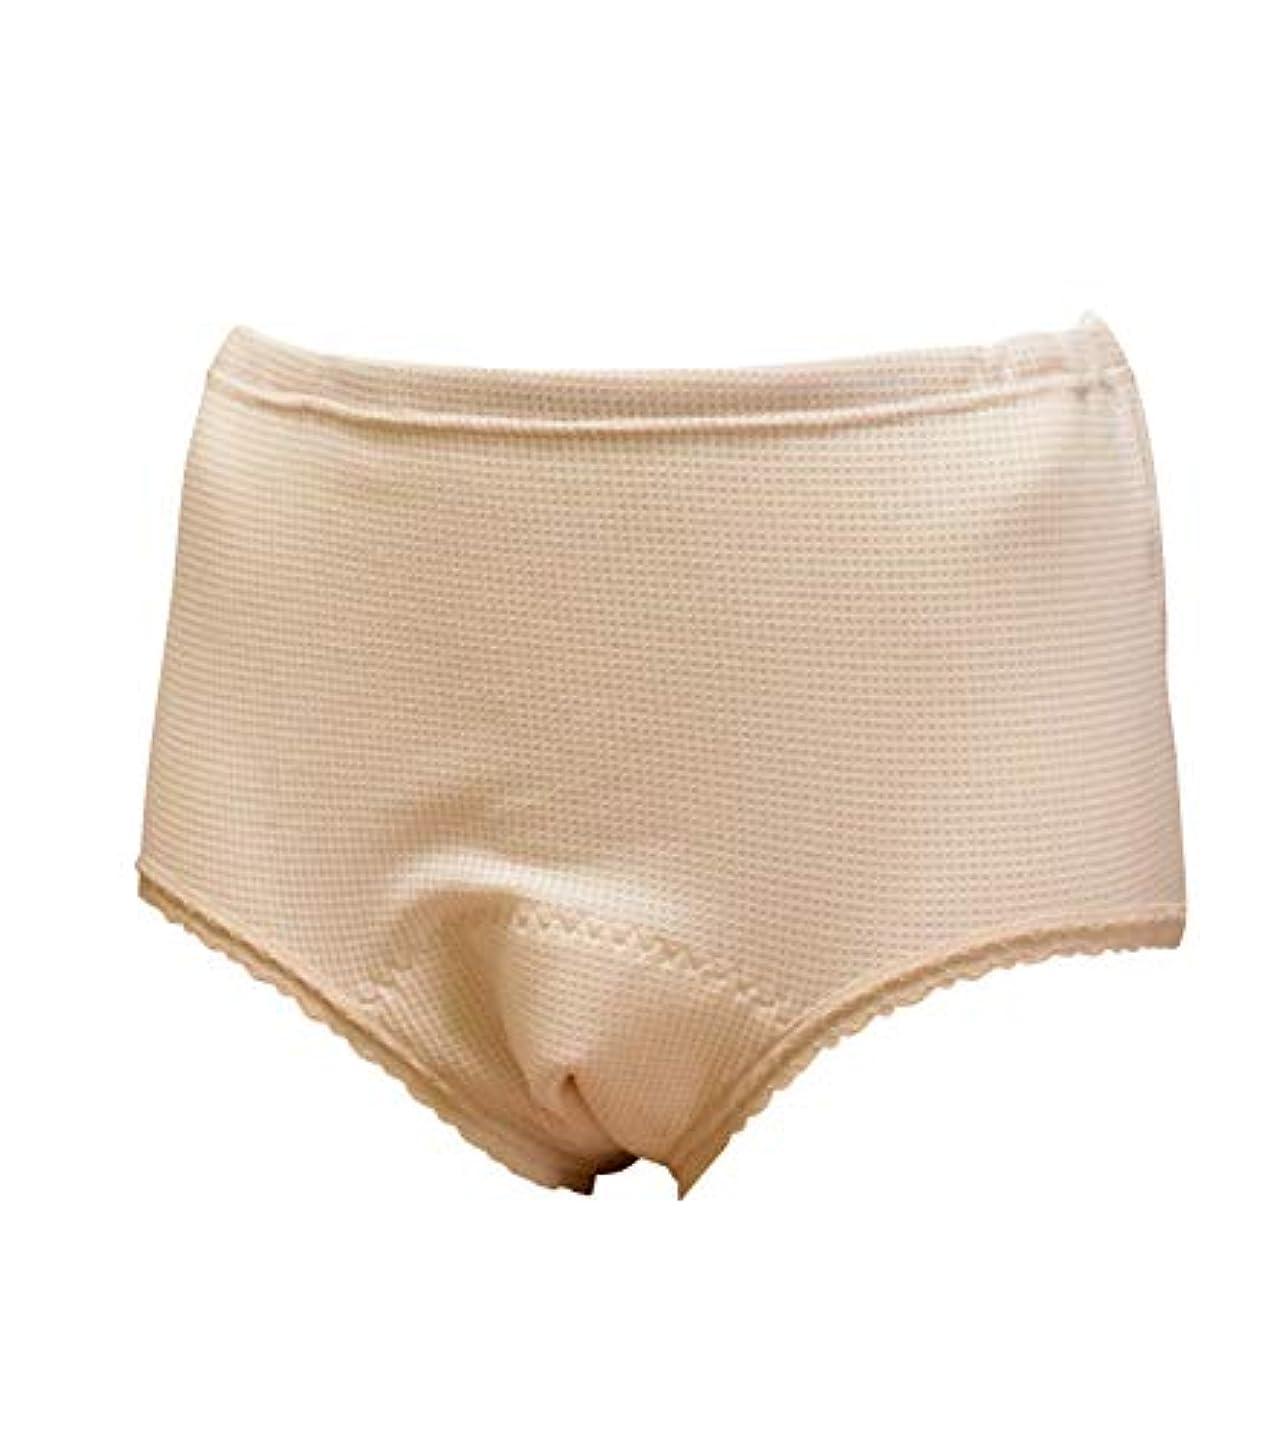 四半期成功鳴らす日本製 失禁パンツ 失禁ショーツ 女性用 中失禁対応 50cc 1枚 2枚セット M L LL (ベージュ1枚, M)